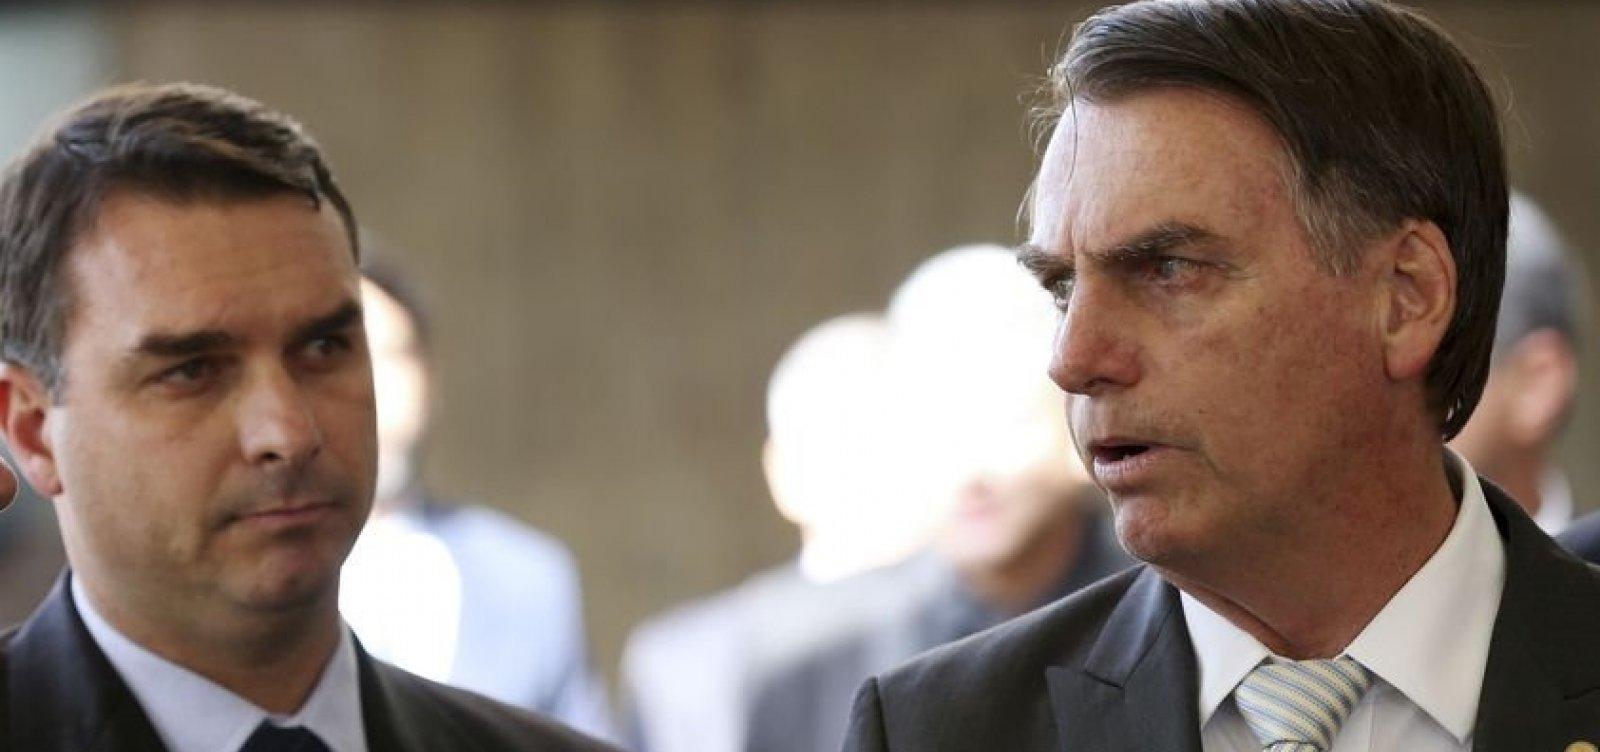 [Bolsonaro se reúne com corregedor de Justiça e não explica presença de filho investigado]